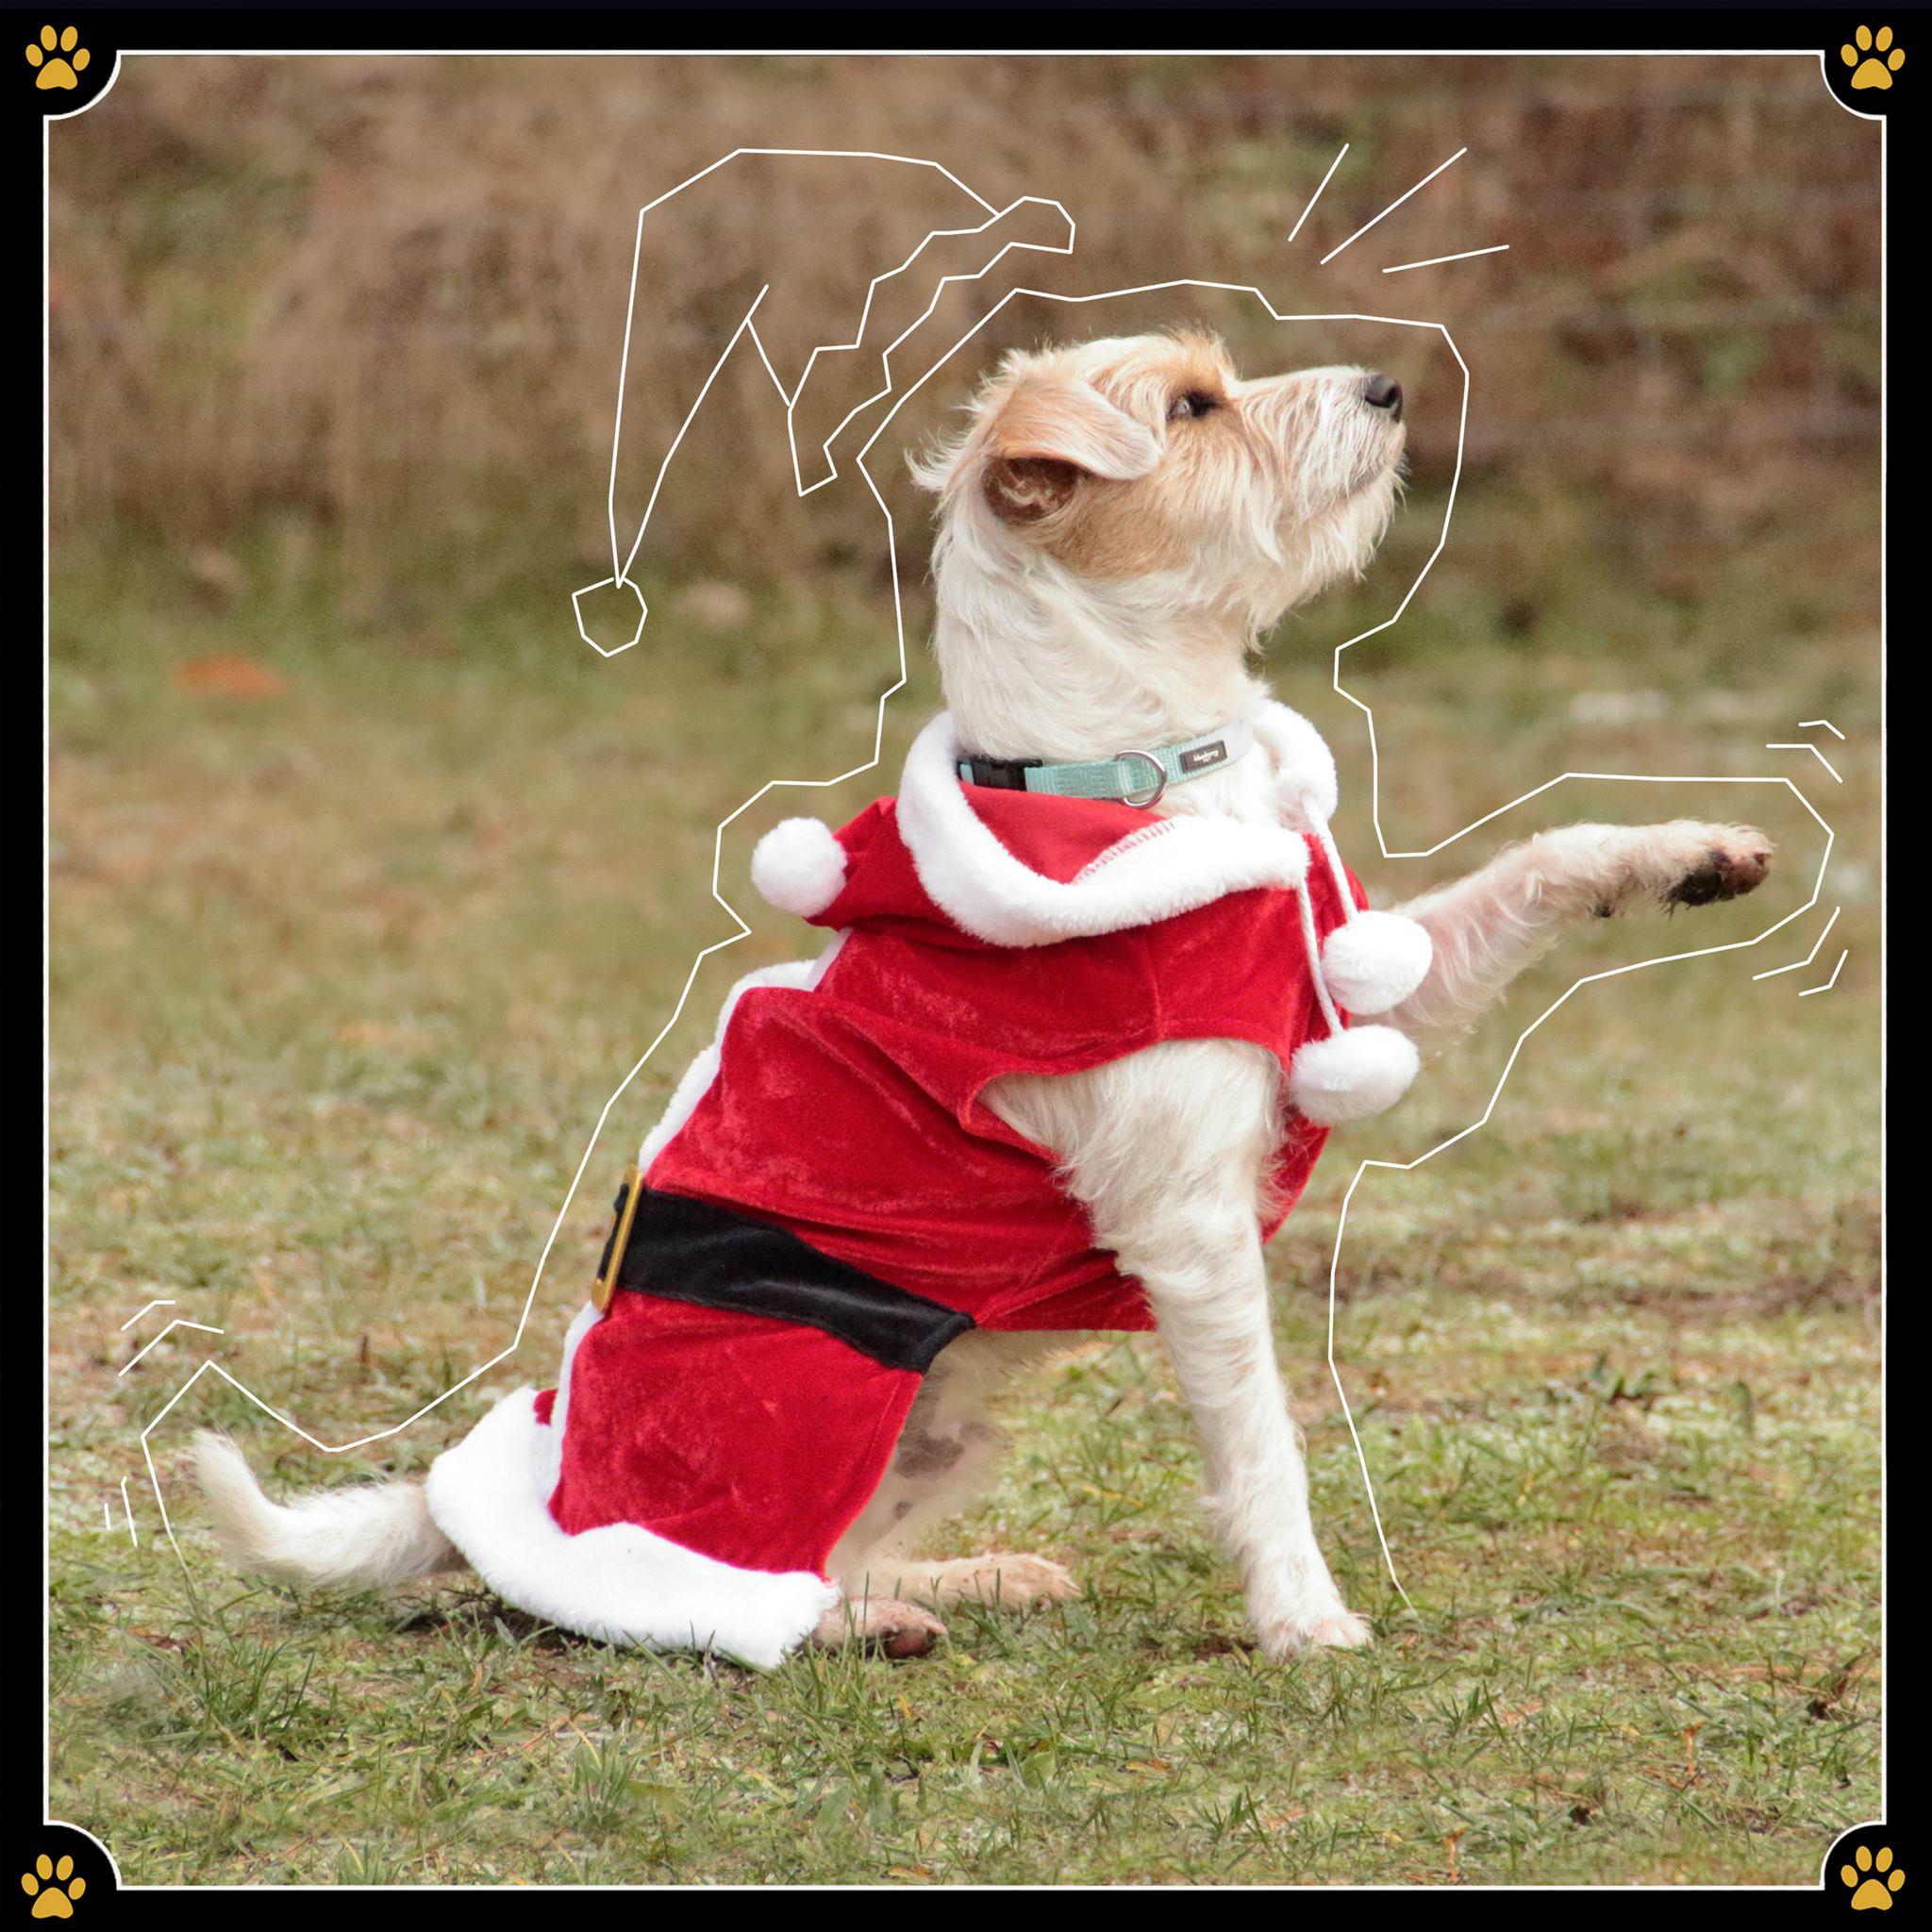 17. Dezember - Dass Kostüme nicht besonders gut für Hunde sind wurde in den letzten zwei Beiträgen zu dem Thema wohl sehr deutlich. 🐶Jedoch hat das Anprobieren von Hundekostümen auch positive Seiten, denn es bietet ein tolles Alternativ-Training für den Ernstfall.💉Wenn der Hund beispielsweise operiert werden und danach einen Kragen oder einen Body tragen muss bietet das Training mit einem Kostüm im Voraus viele Vorteile. So kann man den Vierbeiner daran gewöhnen und erspart sich nach der Operation, die sowieso schon genug Stress mit sich bringt, weiteren Stress.💛Trotzdem sollten auch beim Training das Wohlgefühl des Hundes und der Lernspaß im Vordergrund stehen.🐾